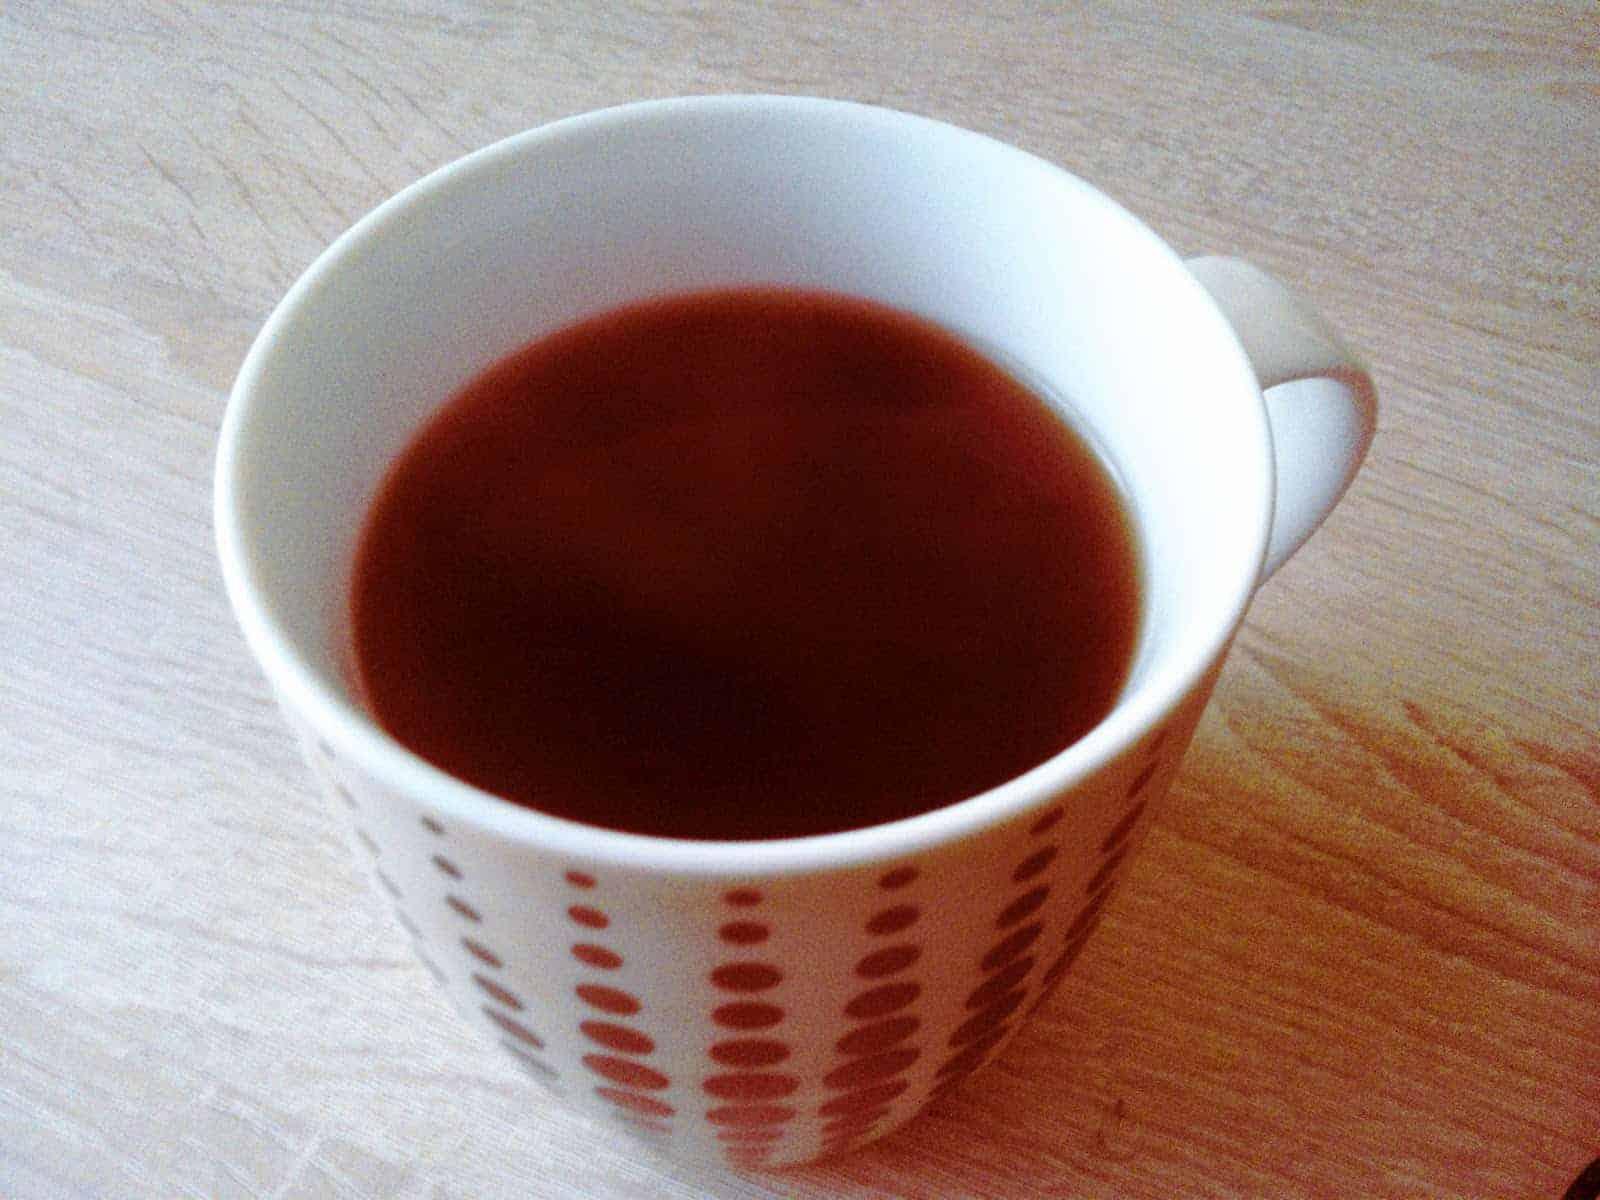 kubek czerwonej herbaty